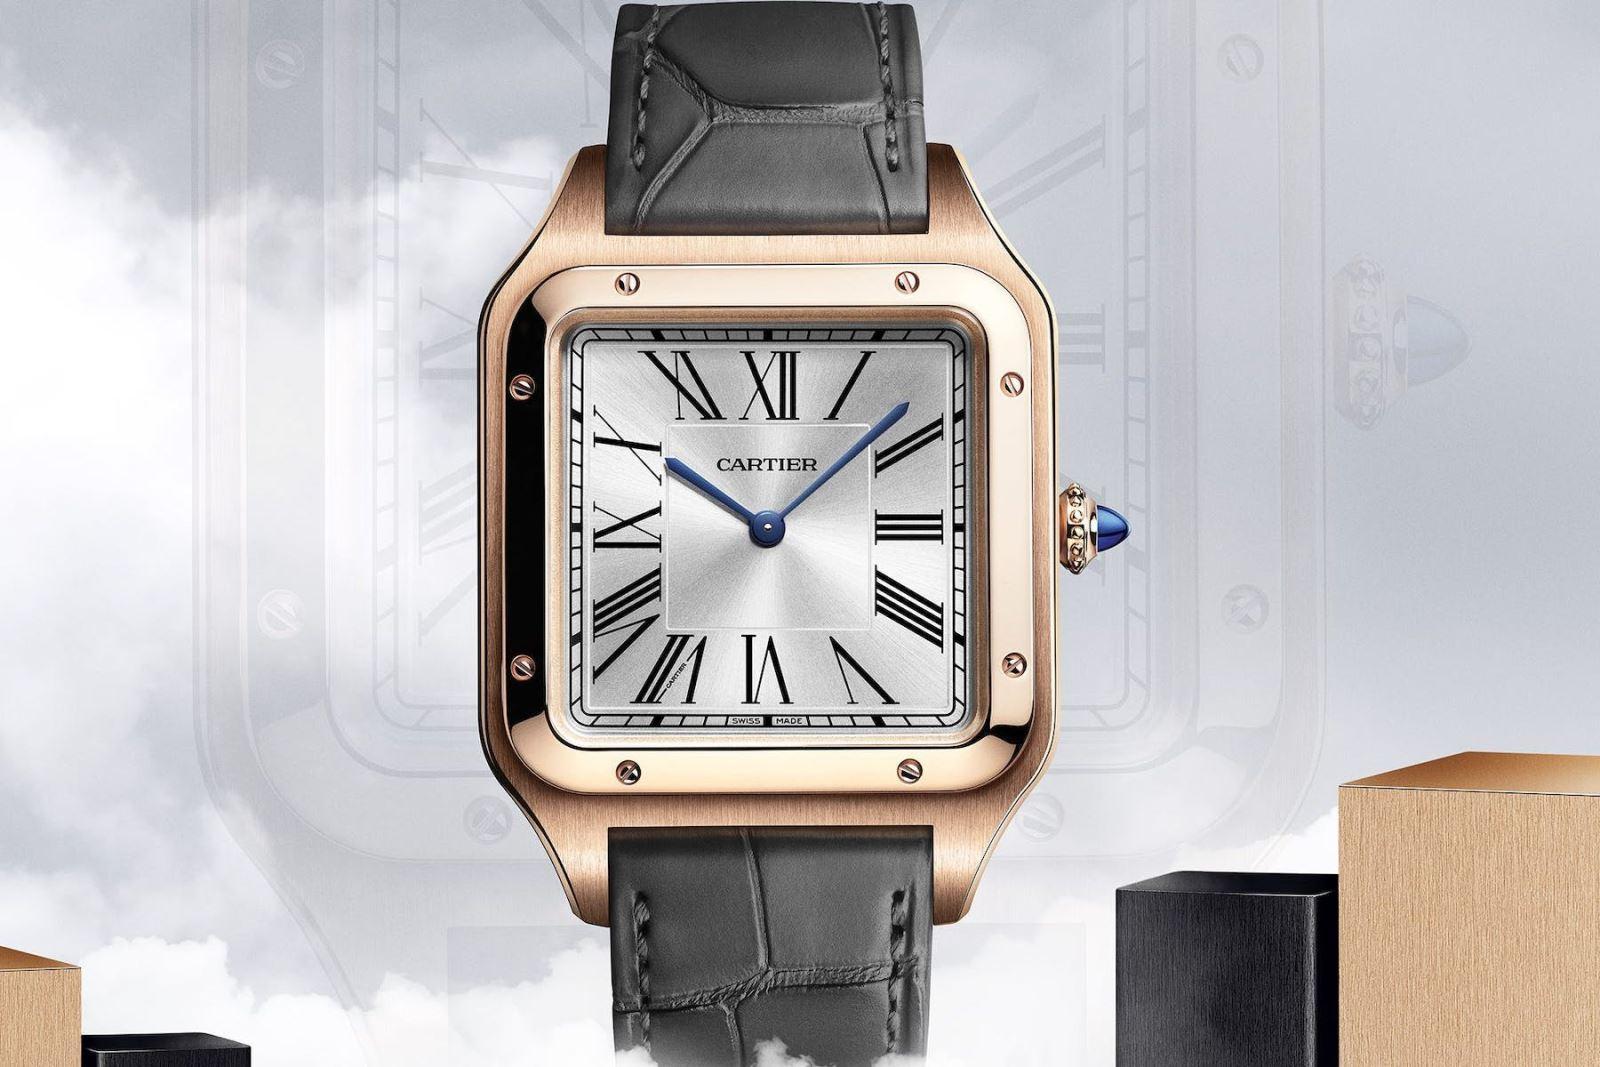 Cartier santos demont xl - Hiện đại hóa một thiết kế cổ điển